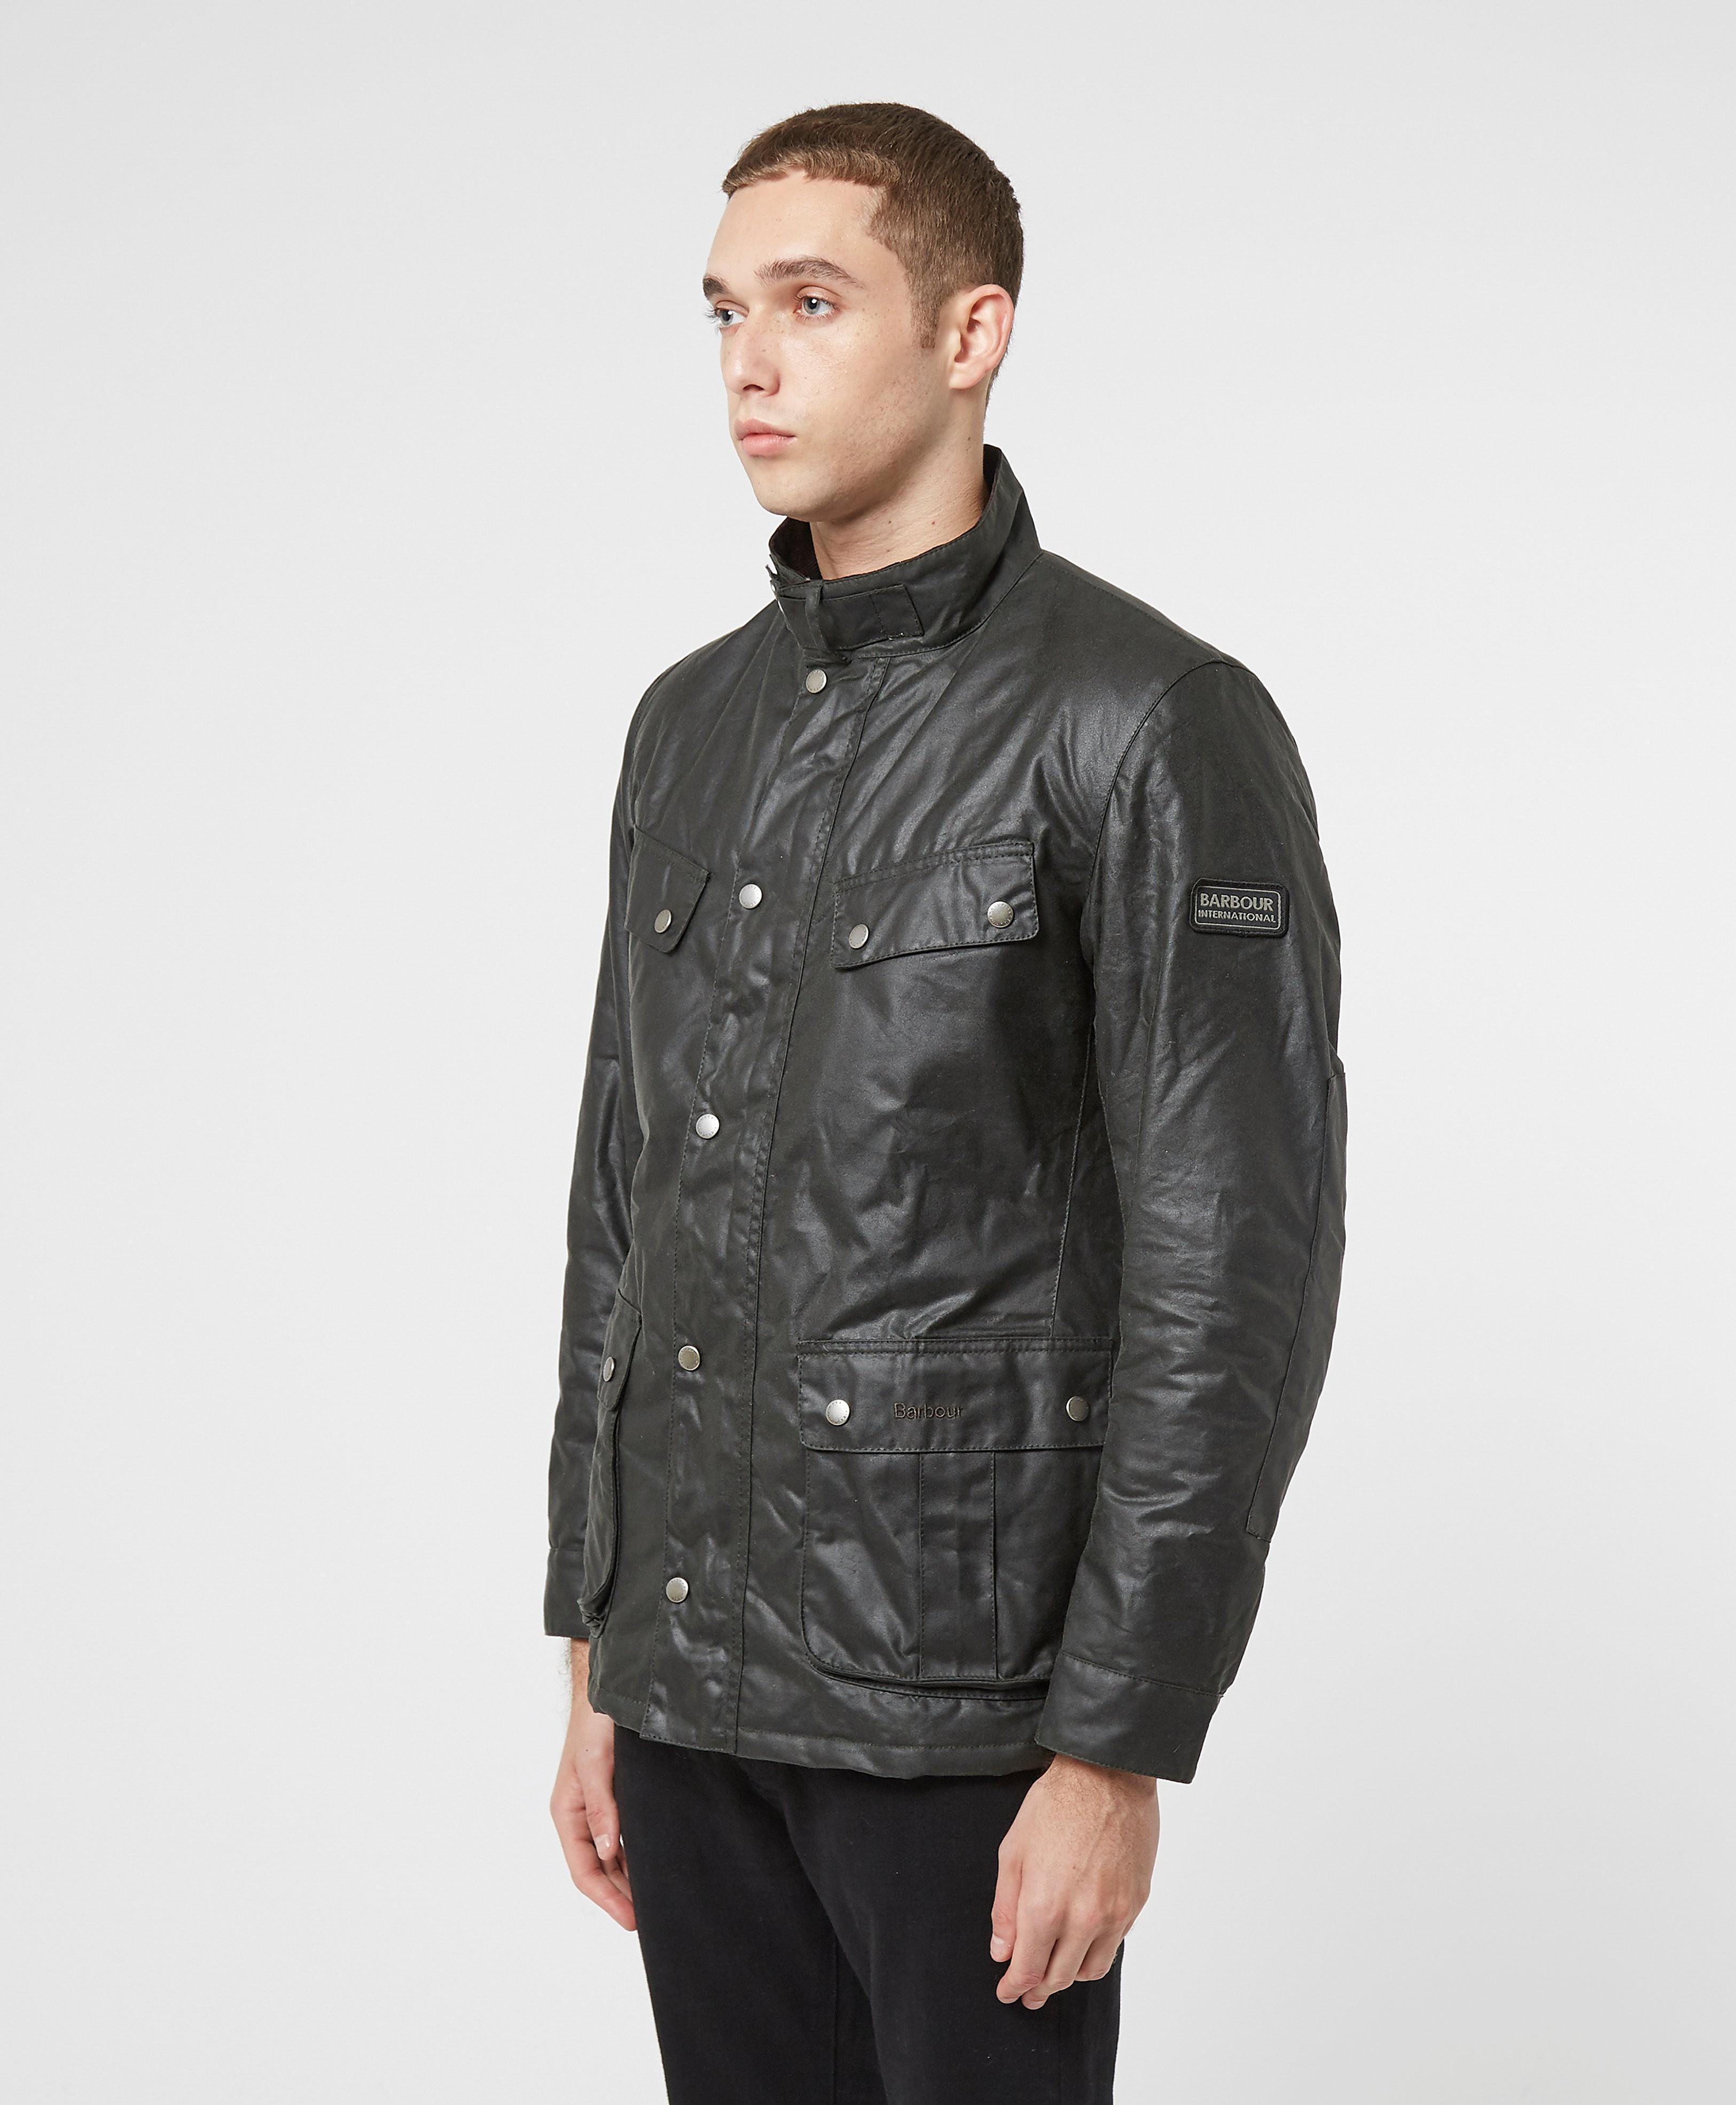 Barbour International Duke Wax Lightweight Jacket